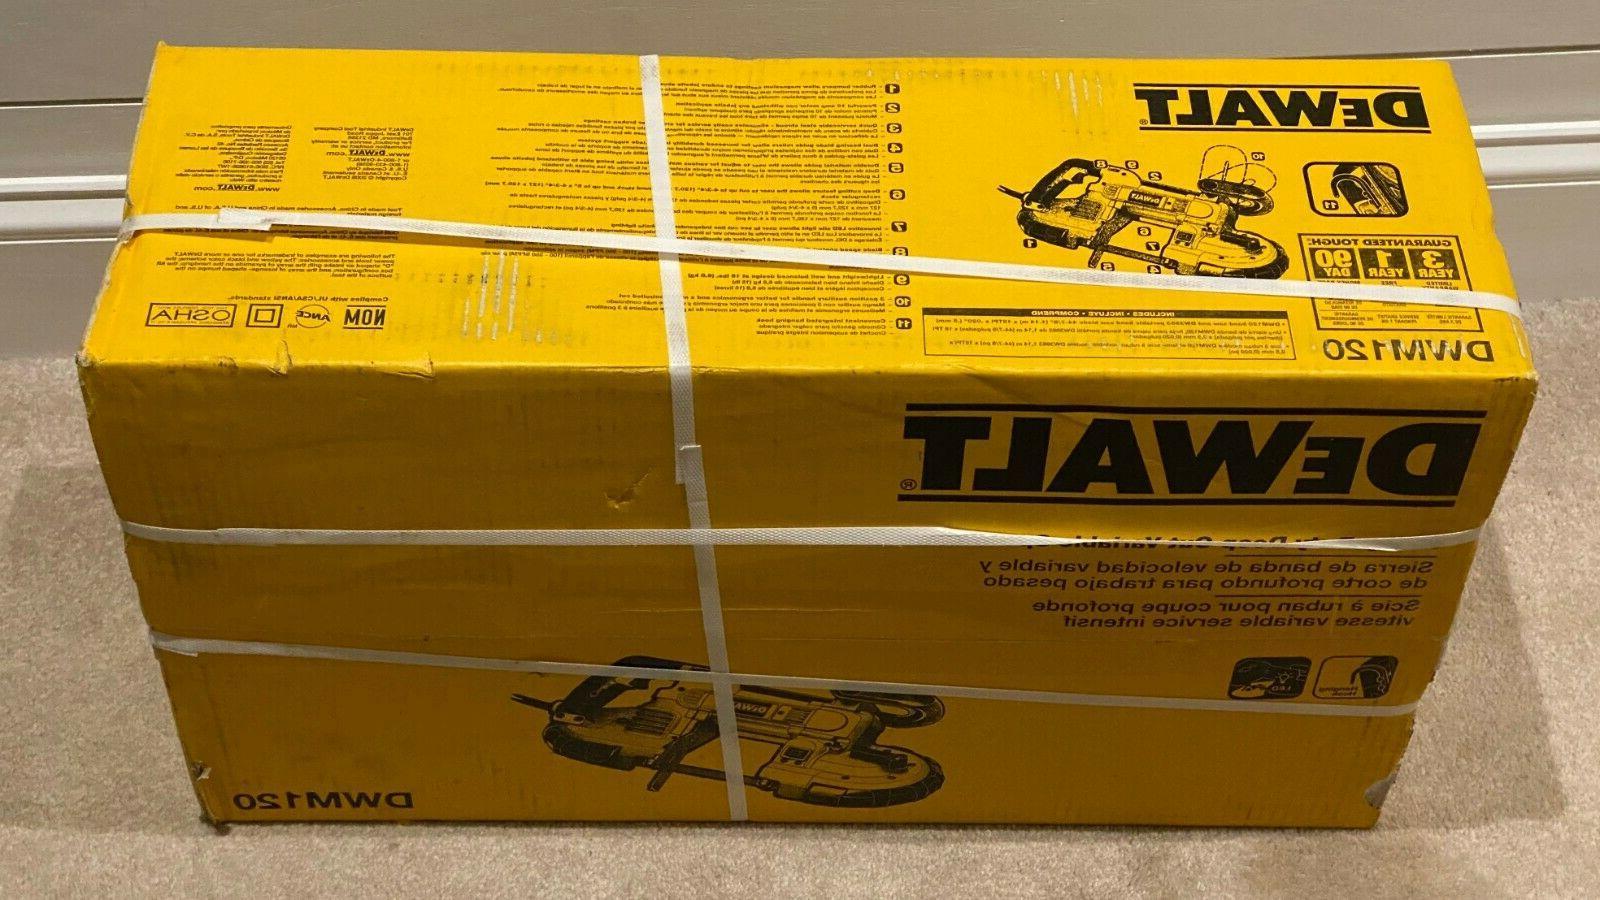 DeWalt Heavy-Duty Variable Speed Cut Band 10 5-Inch